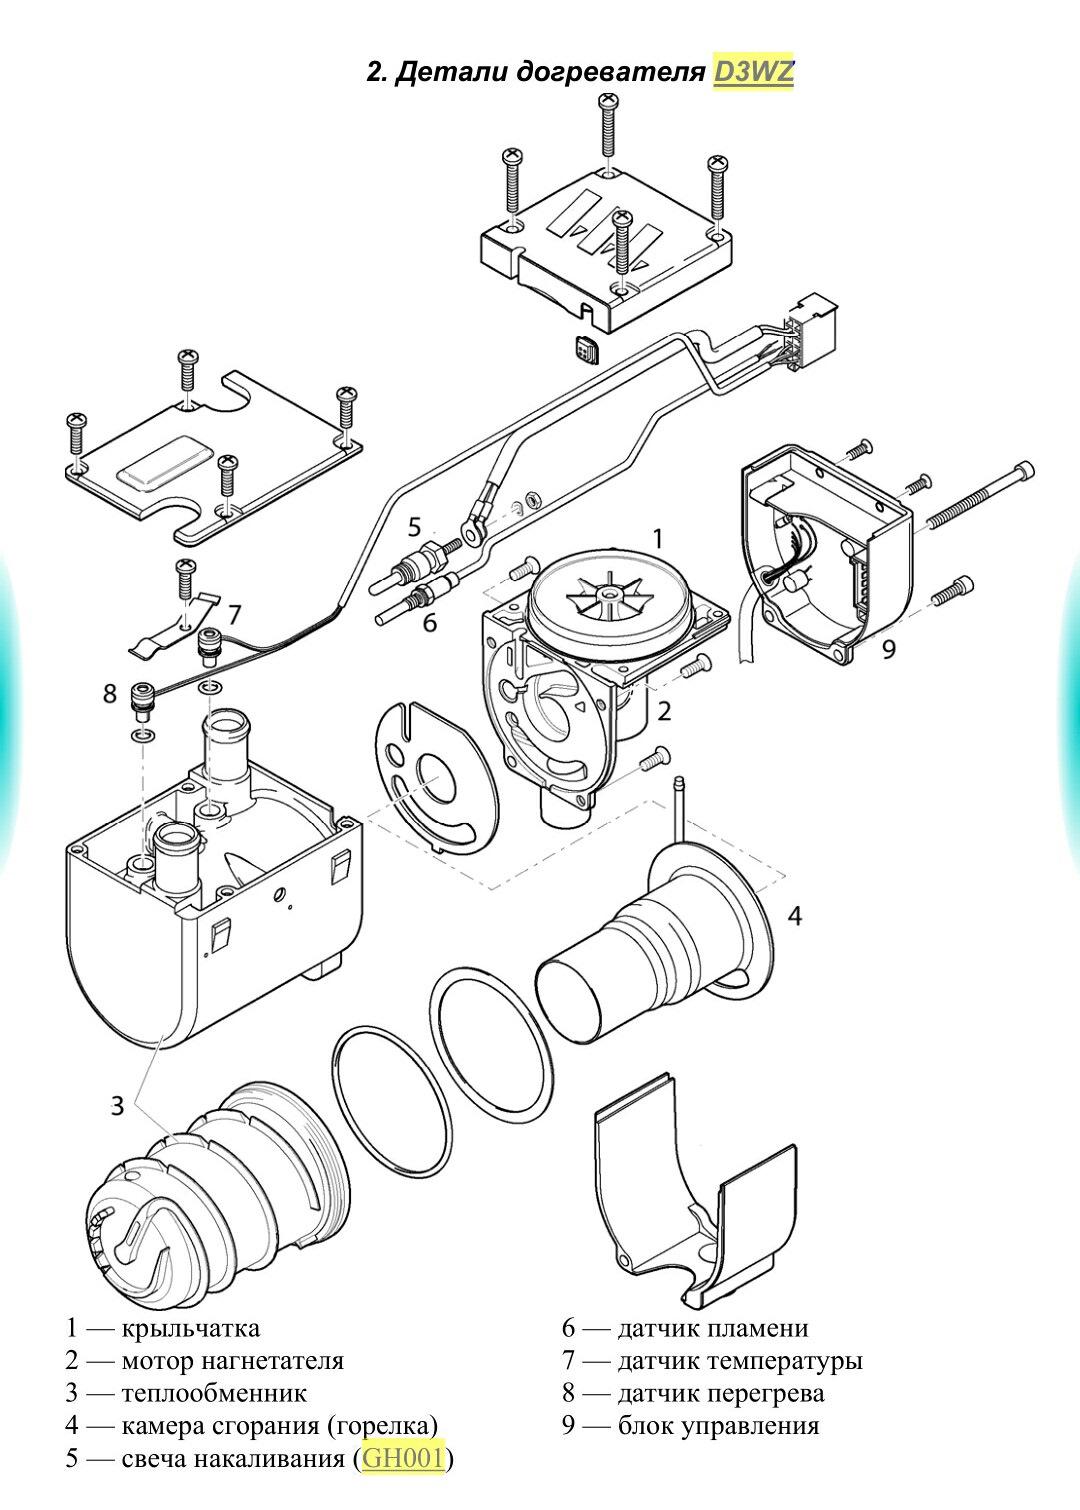 Eberspacher Hydronic D3WZ. Автономный догреватель. Часть 1